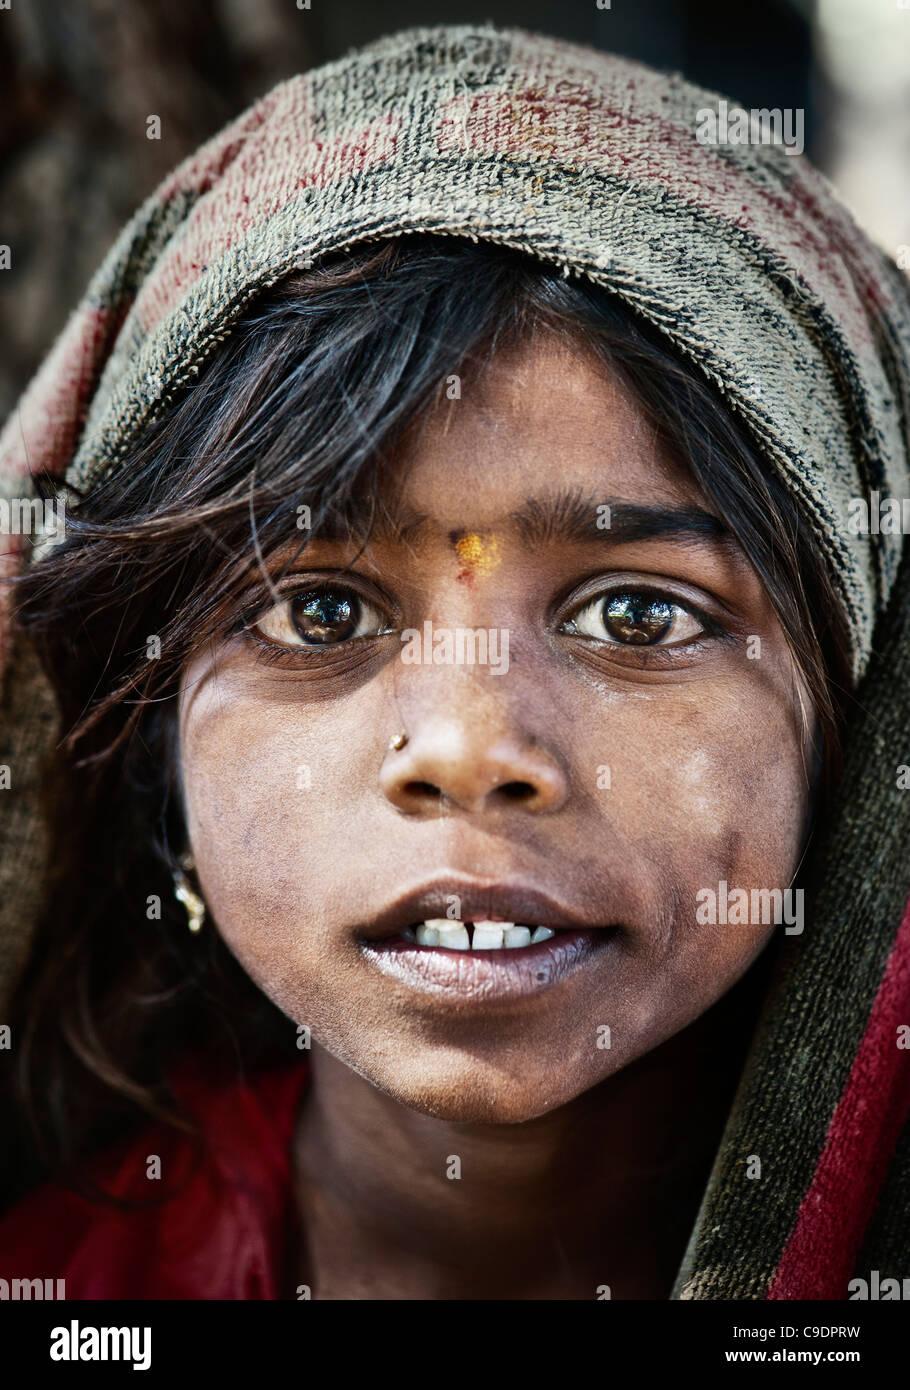 Poor Indian beggar girl portrait - Stock Image